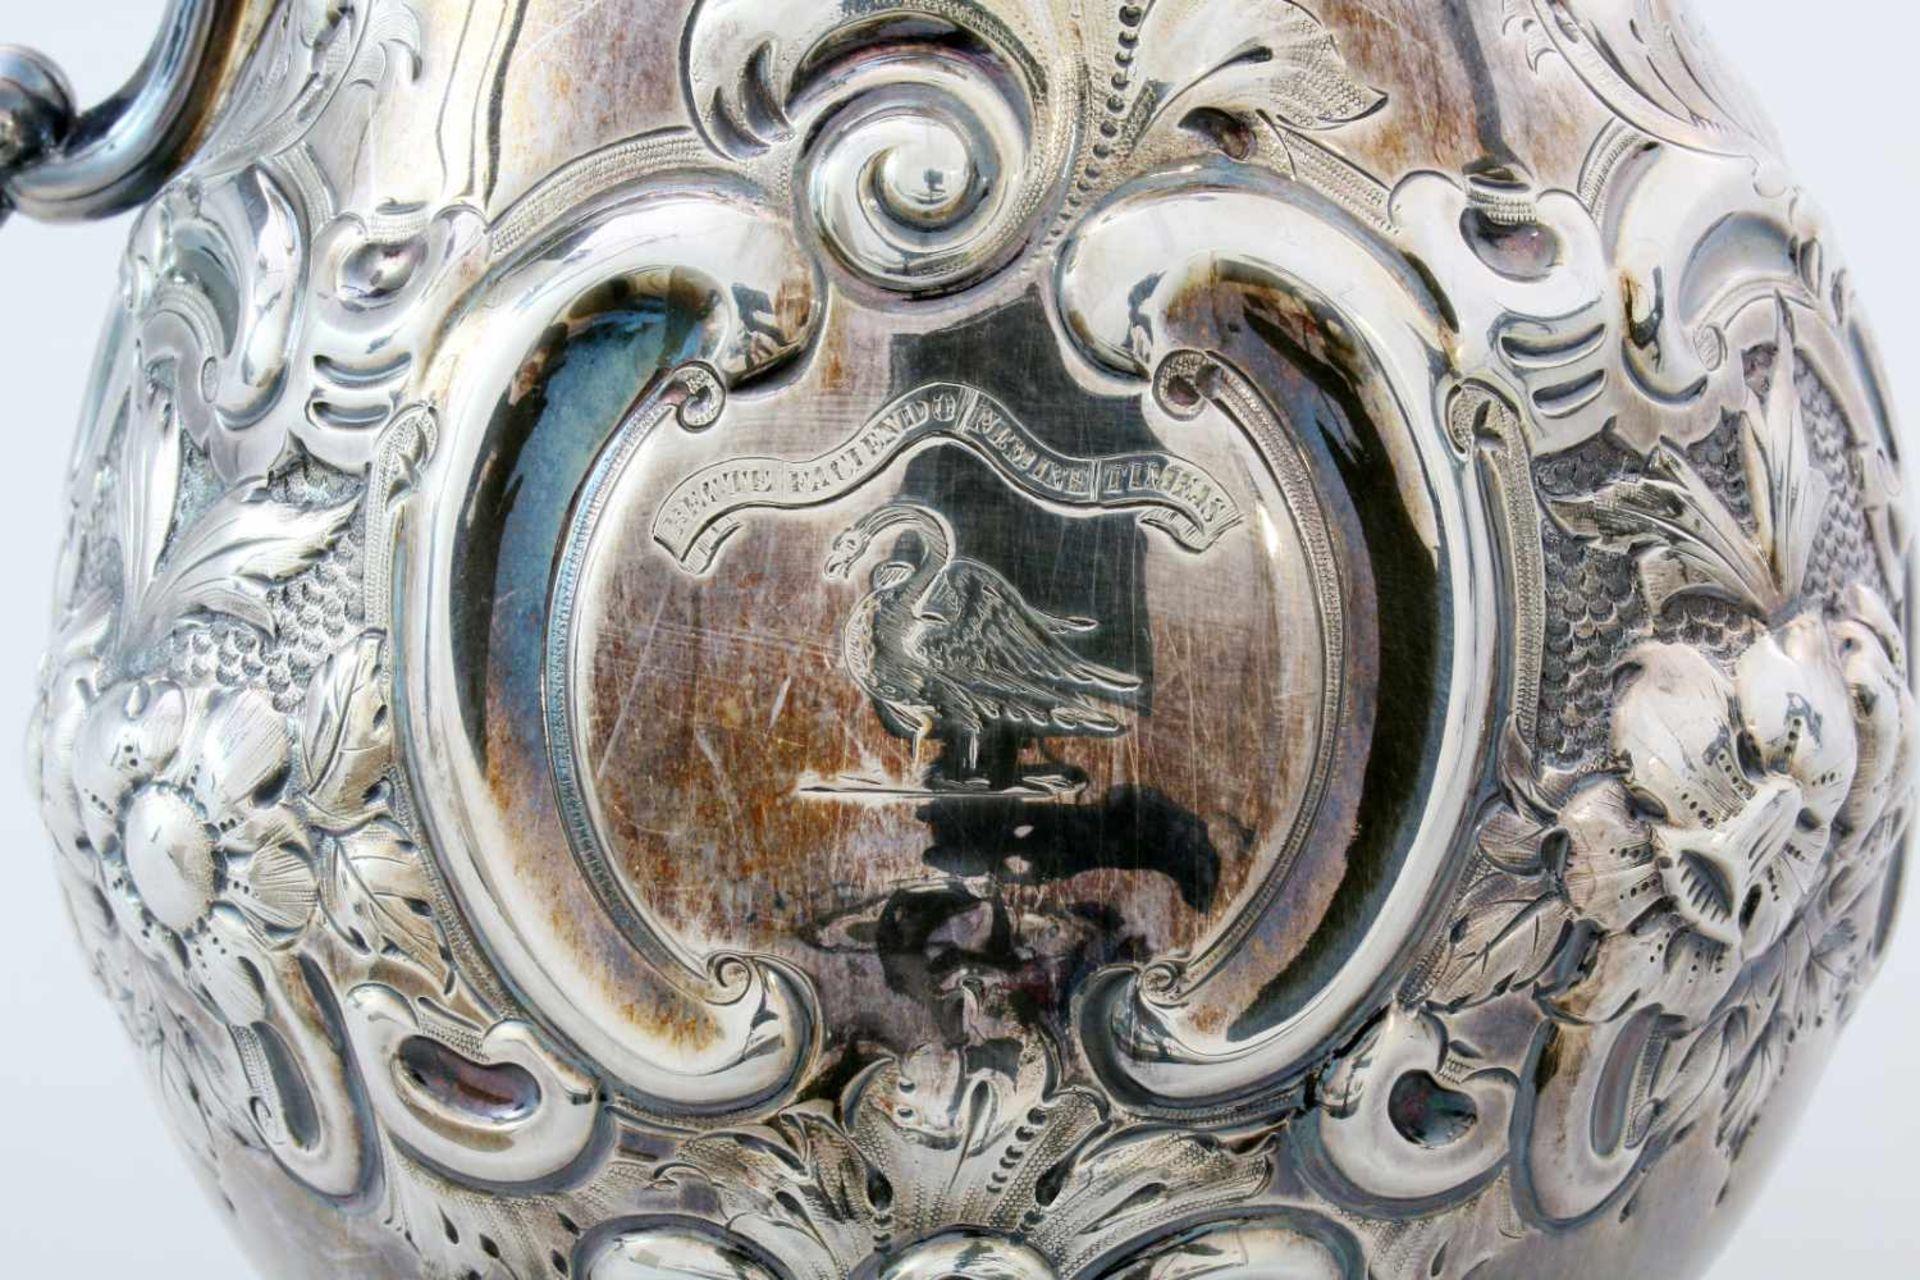 Versilberte Kanne - W&G Sissons Sheffield - 19. JahrhundertIm Fuß Glockenmarke von Sissons, - Bild 4 aus 5